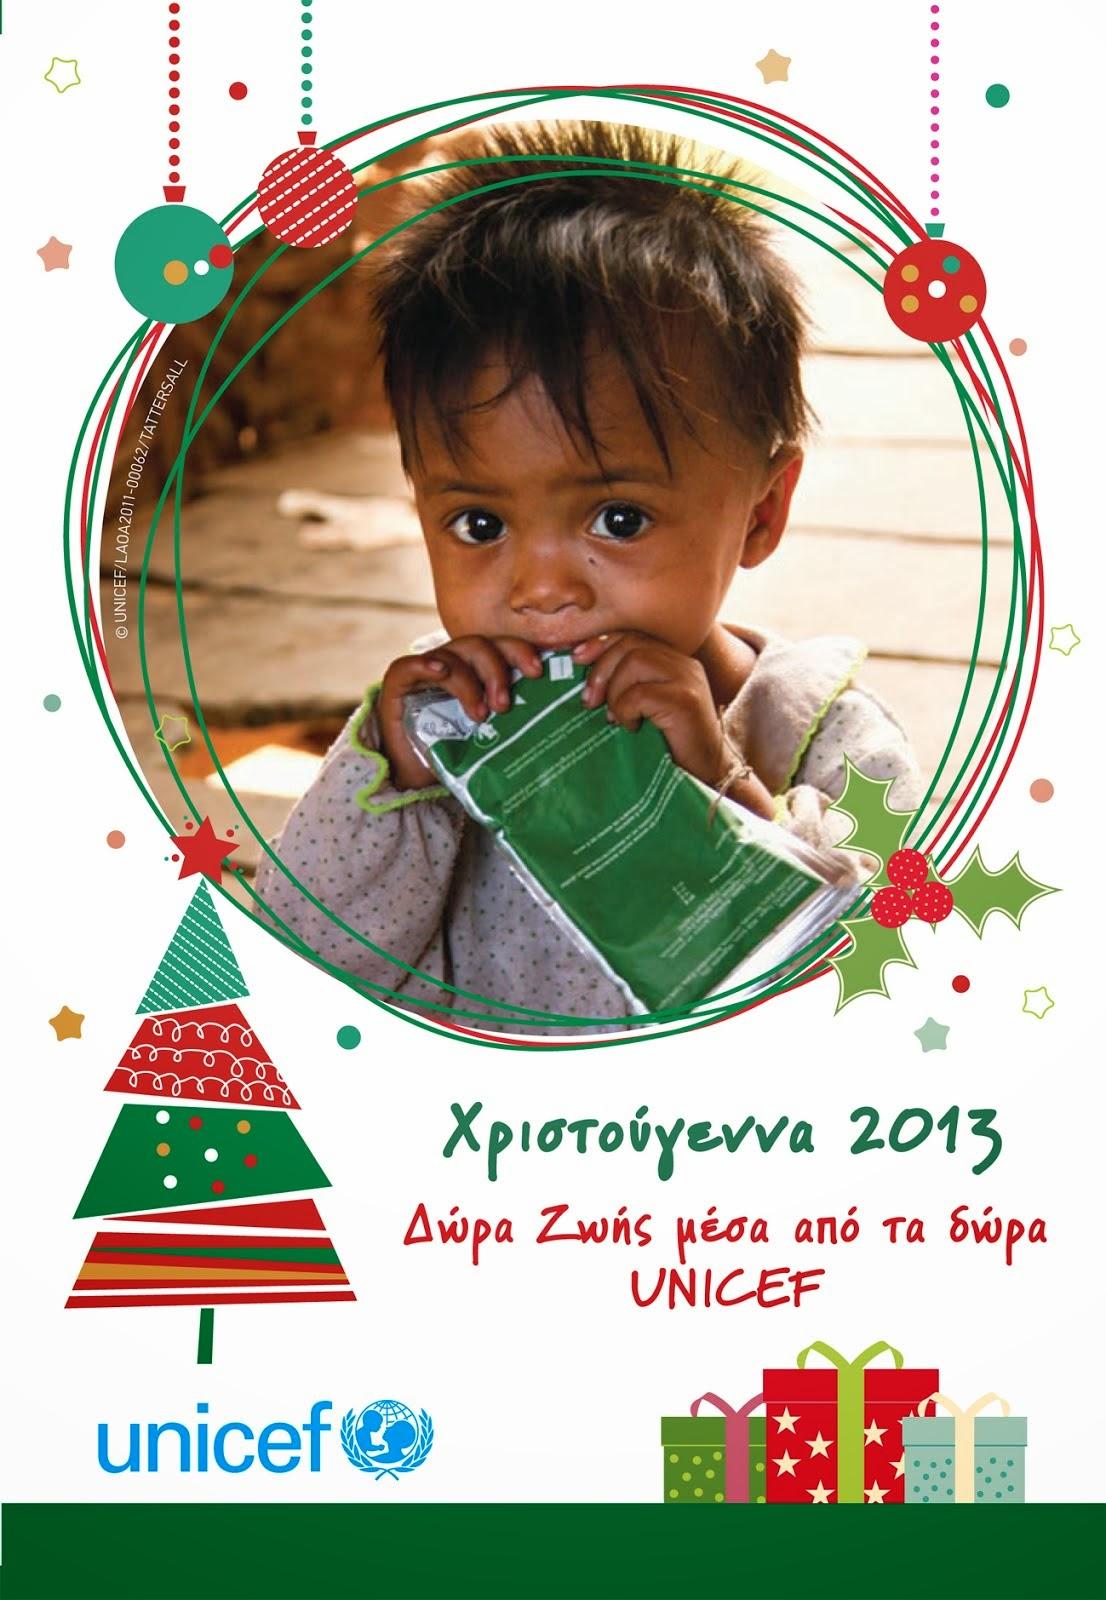 Δώρα ζωής μέσα από τα δώρα UNICEF